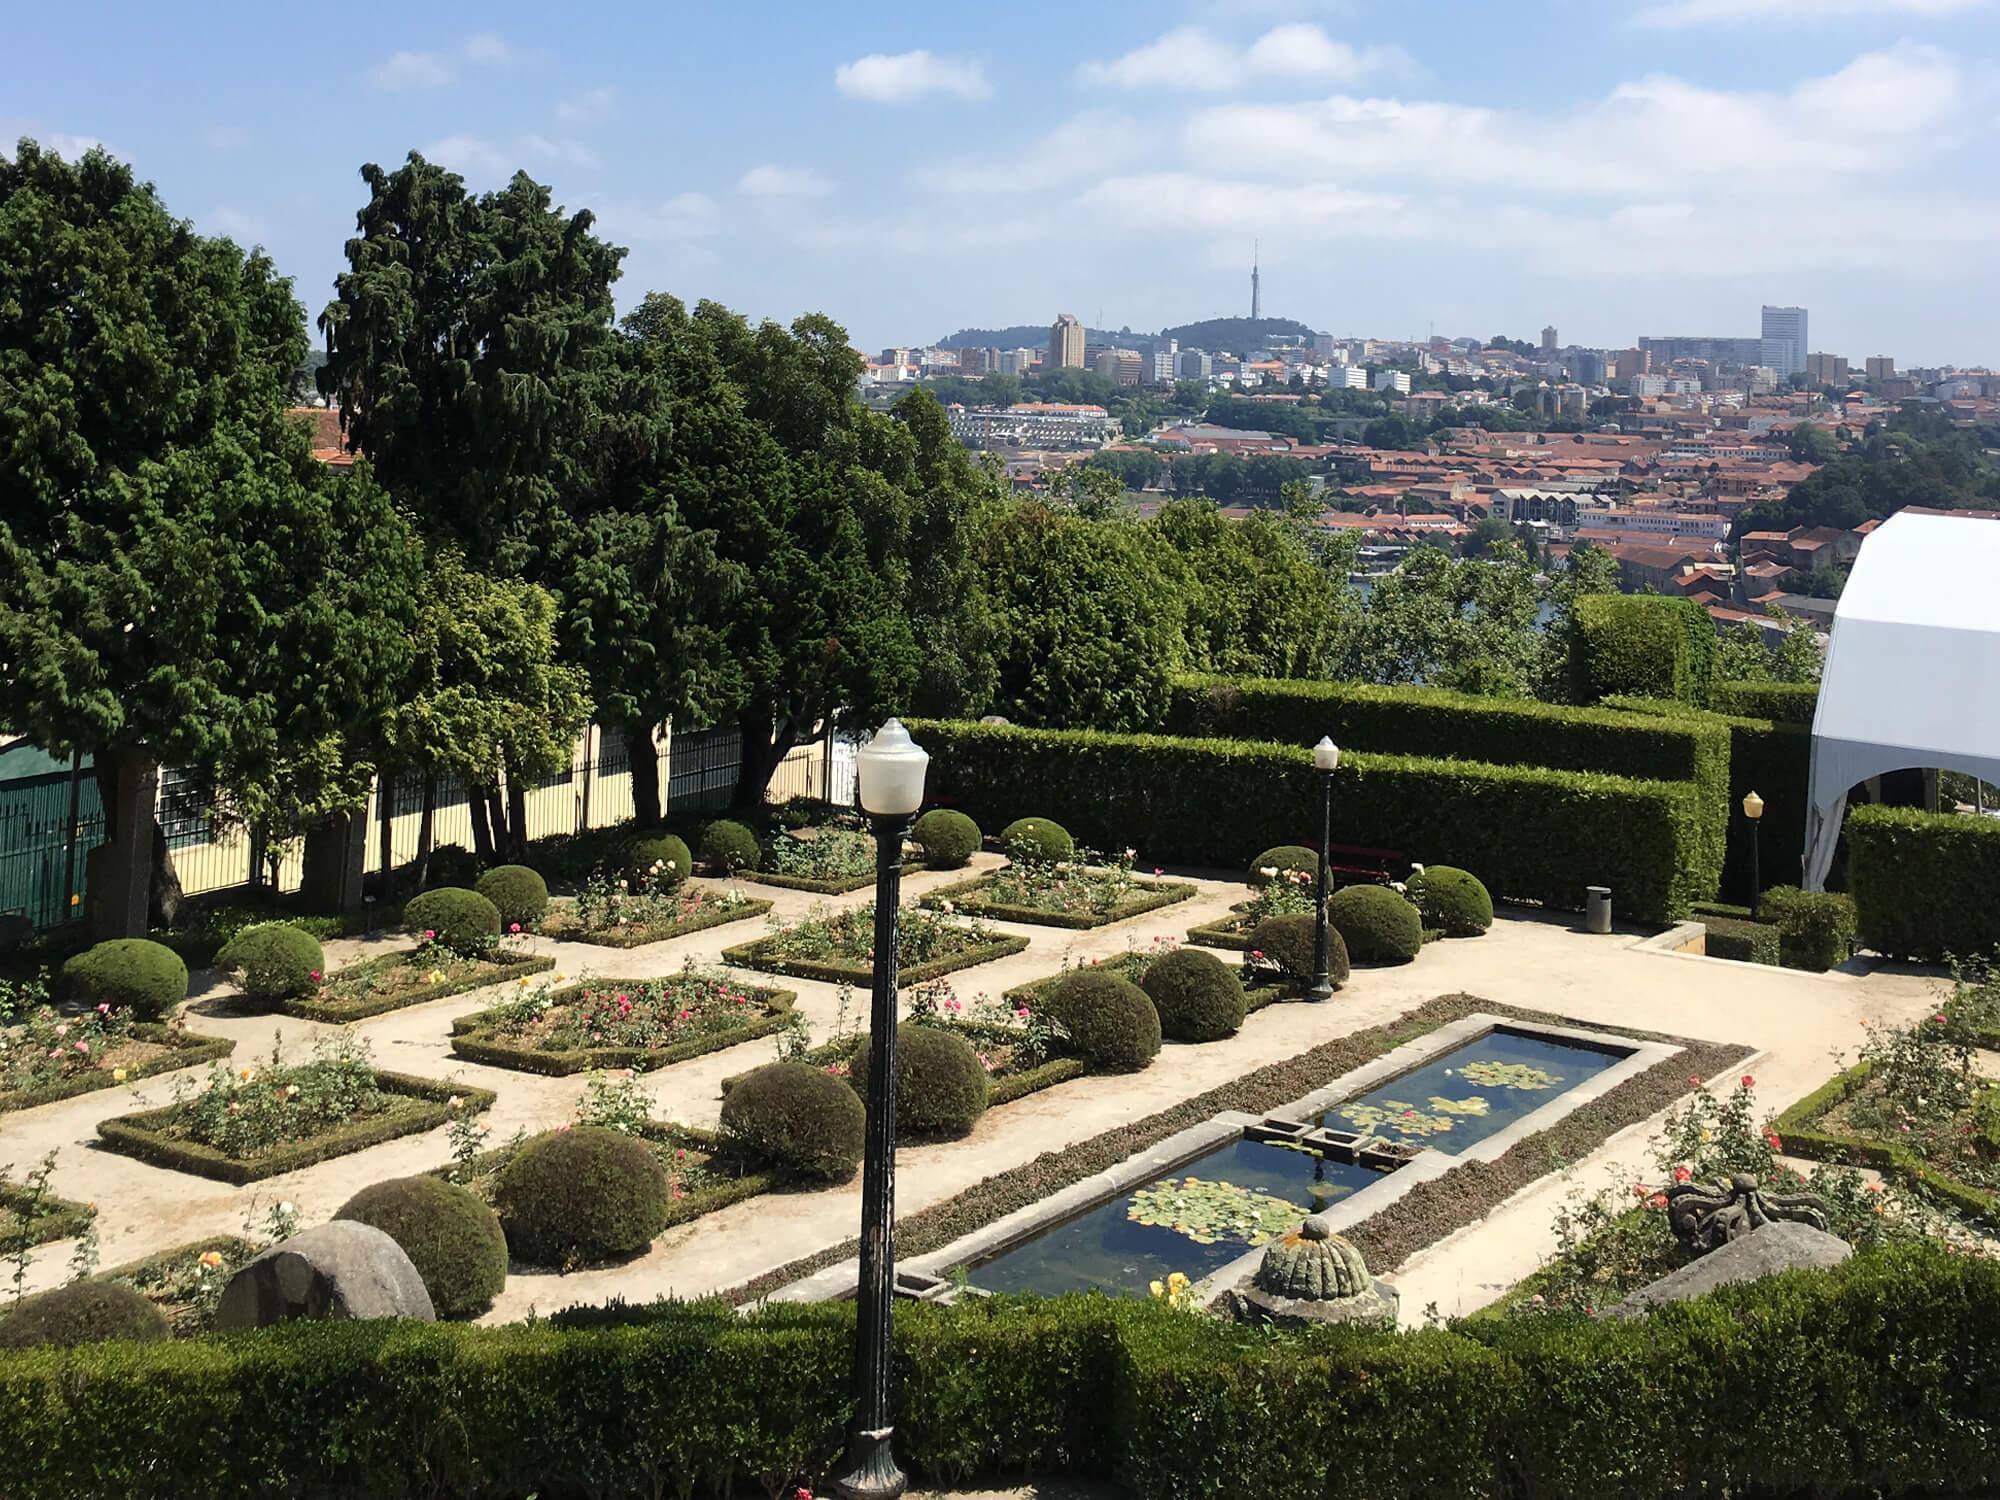 jardin palcio crista porto PORTO